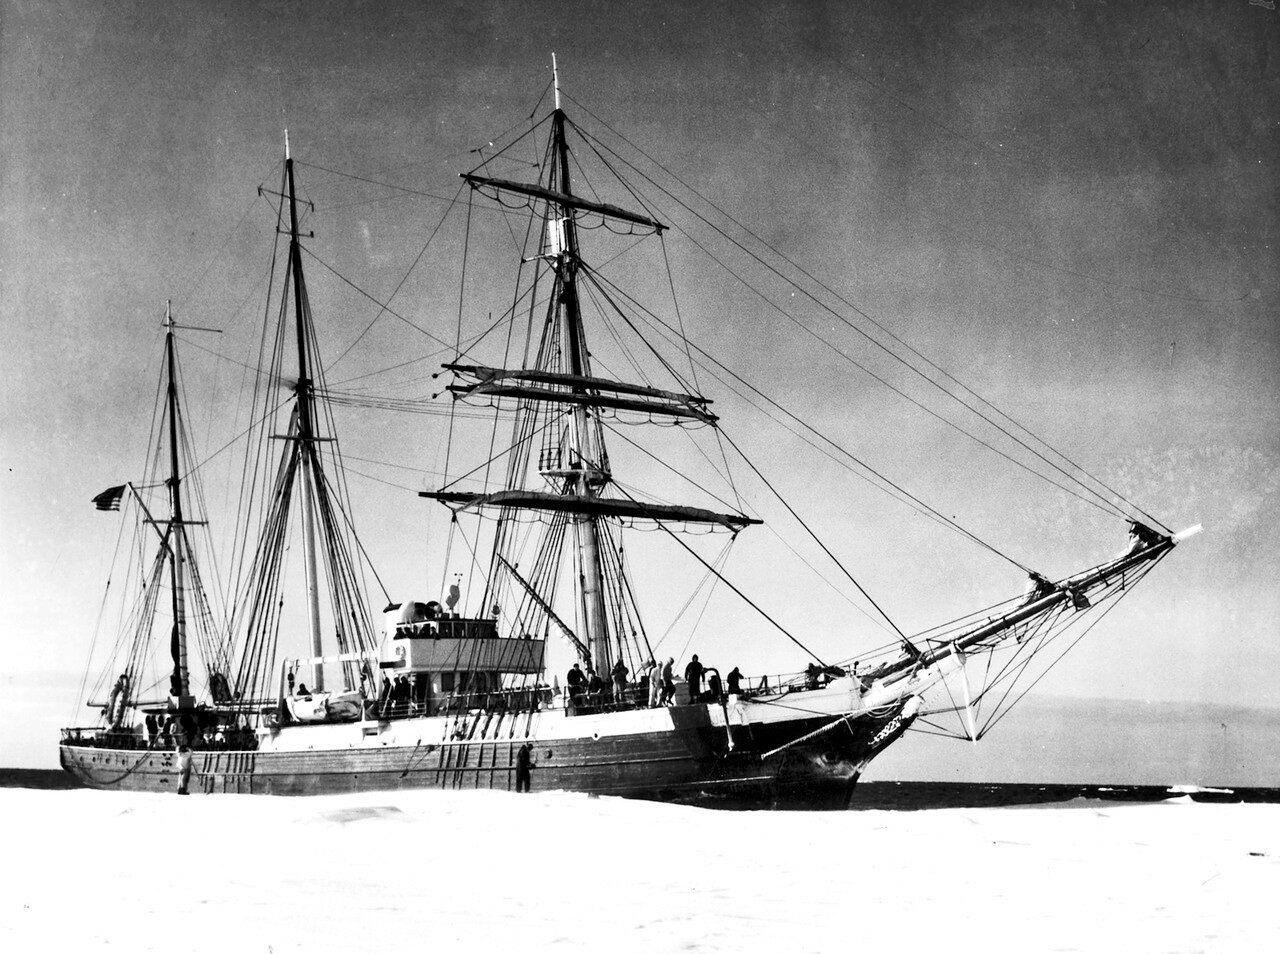 USS_Bear_(AG-29)_in_Antartica_c1934.jpg